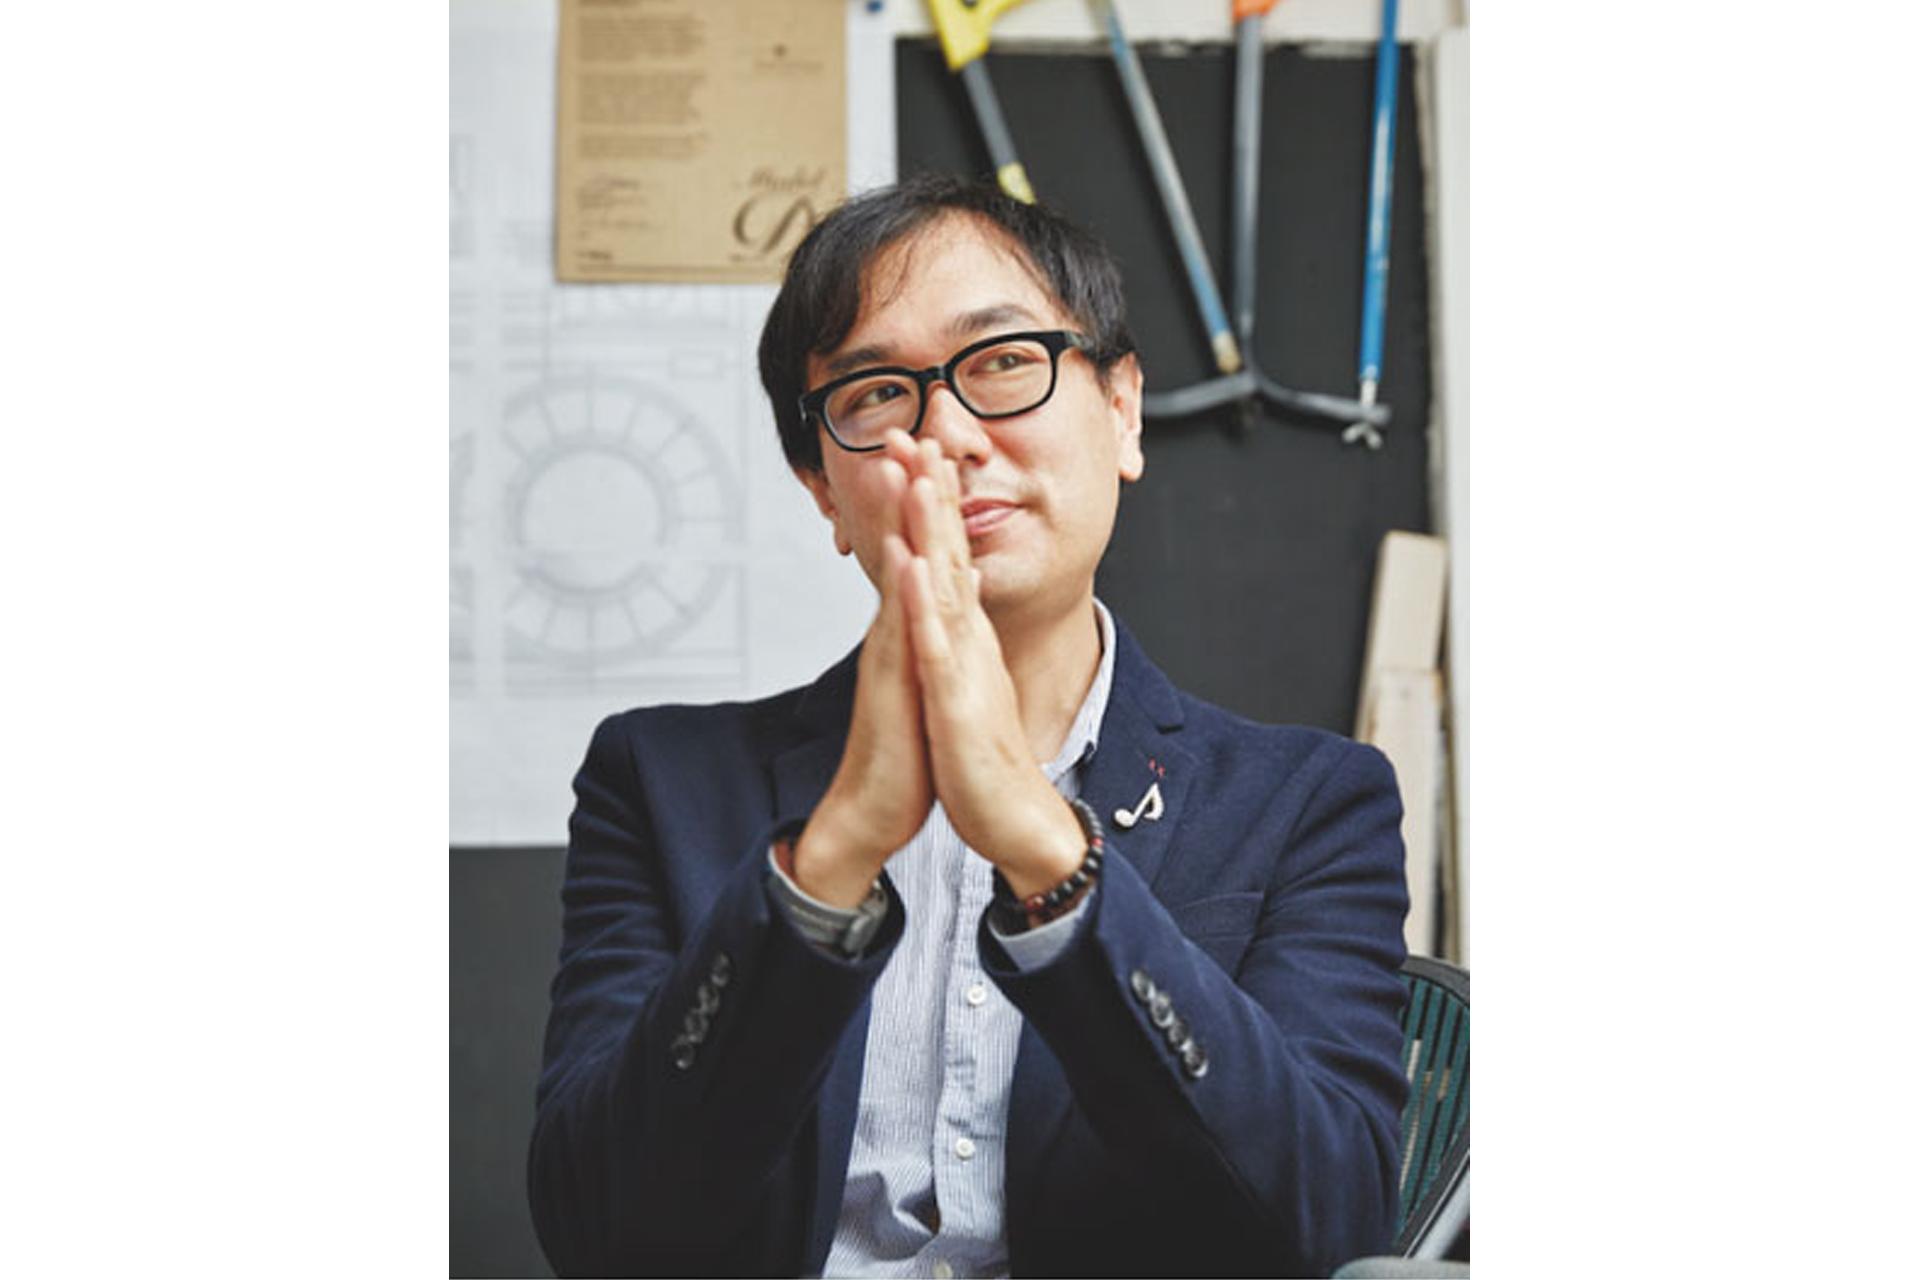 アートと音楽を往来し、社会に提供する価値を模索し続けるアーティスト、YURI SUZUKIのクリエイションとは。